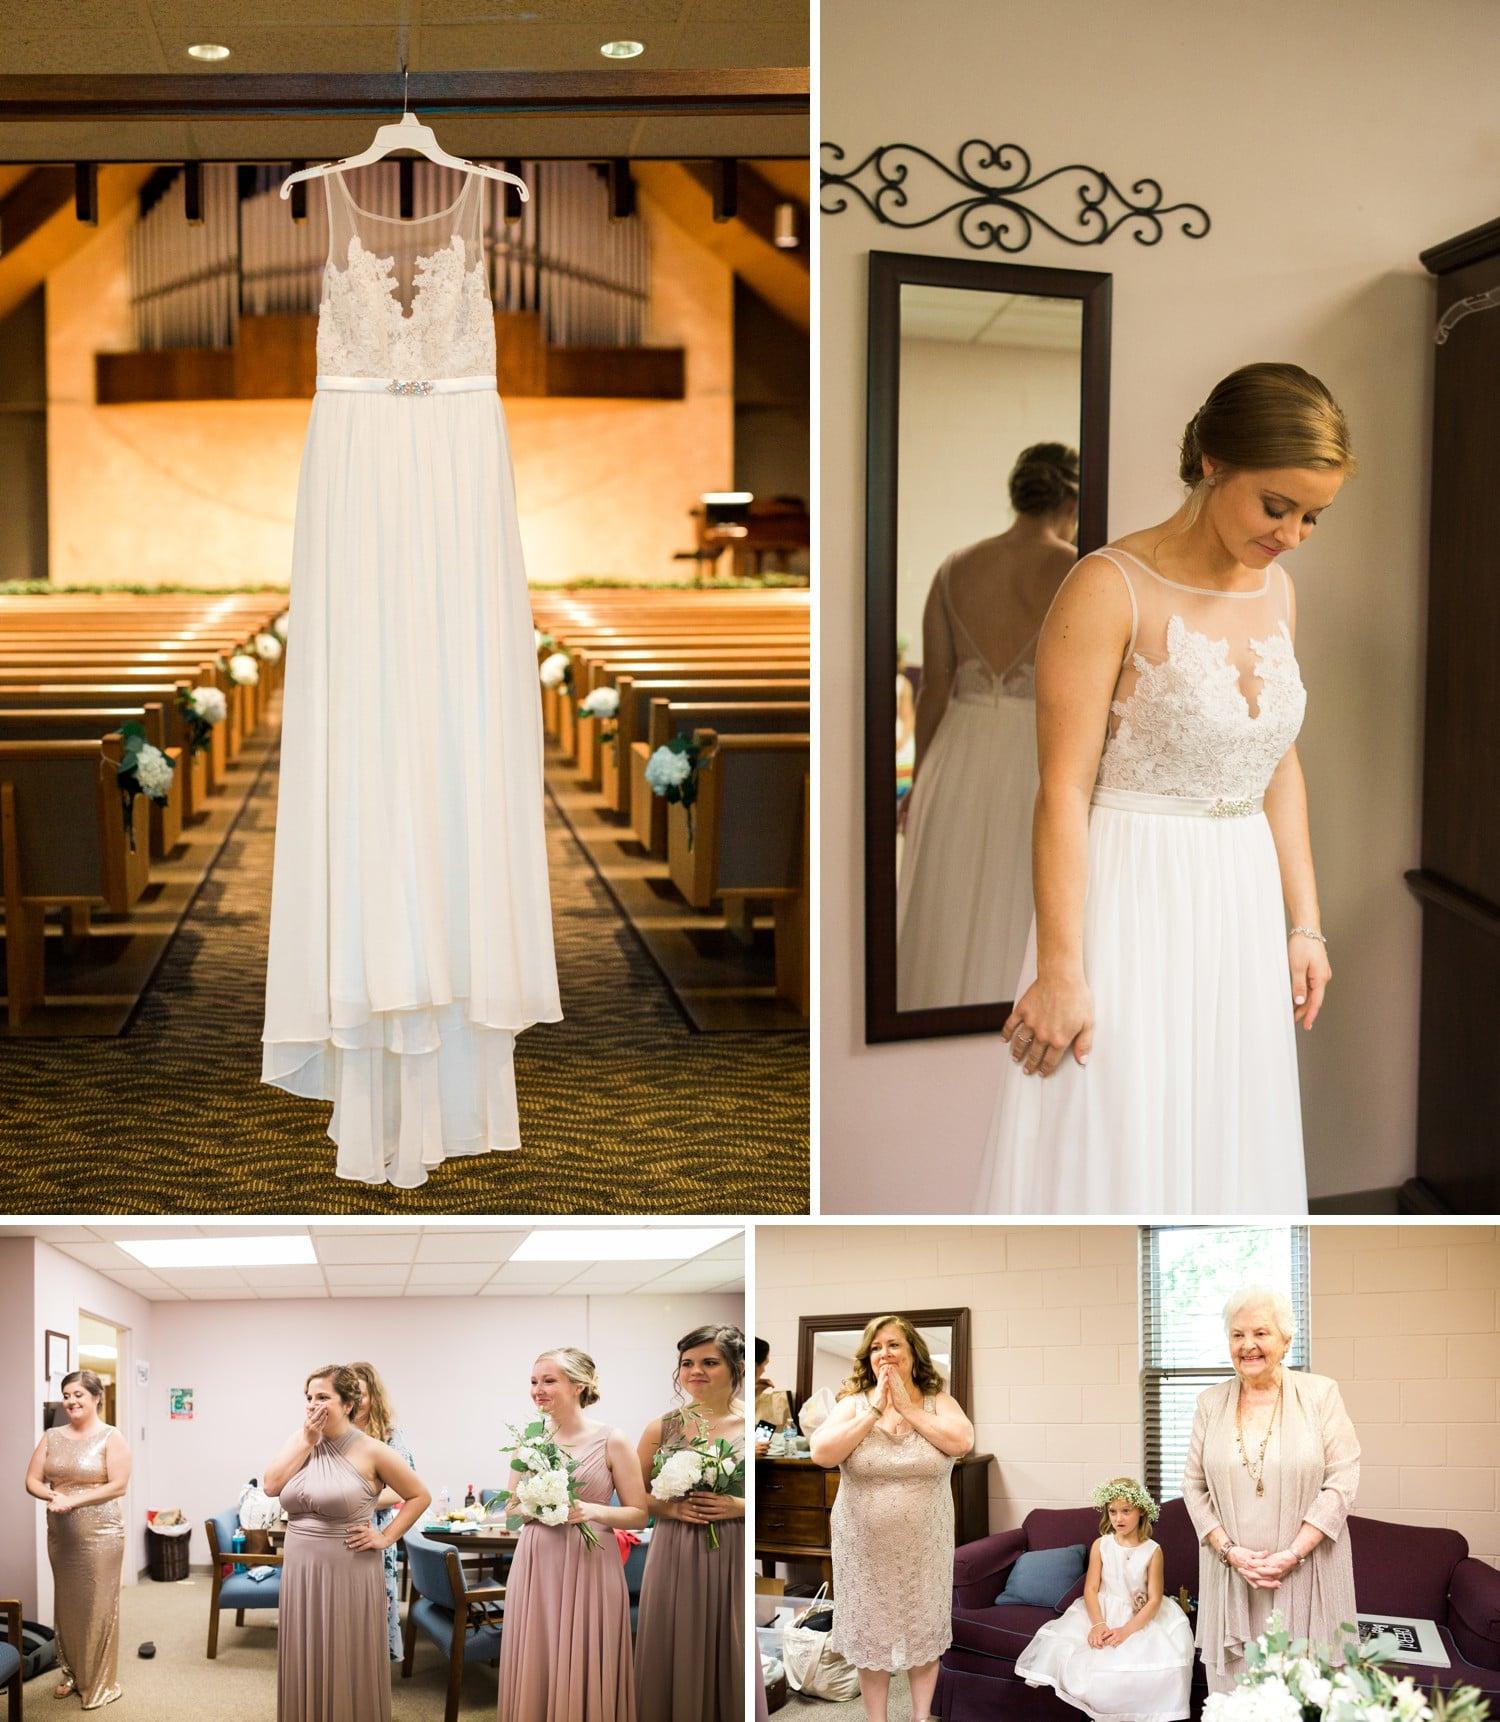 O'Fallon, Illinois Wedding Photography